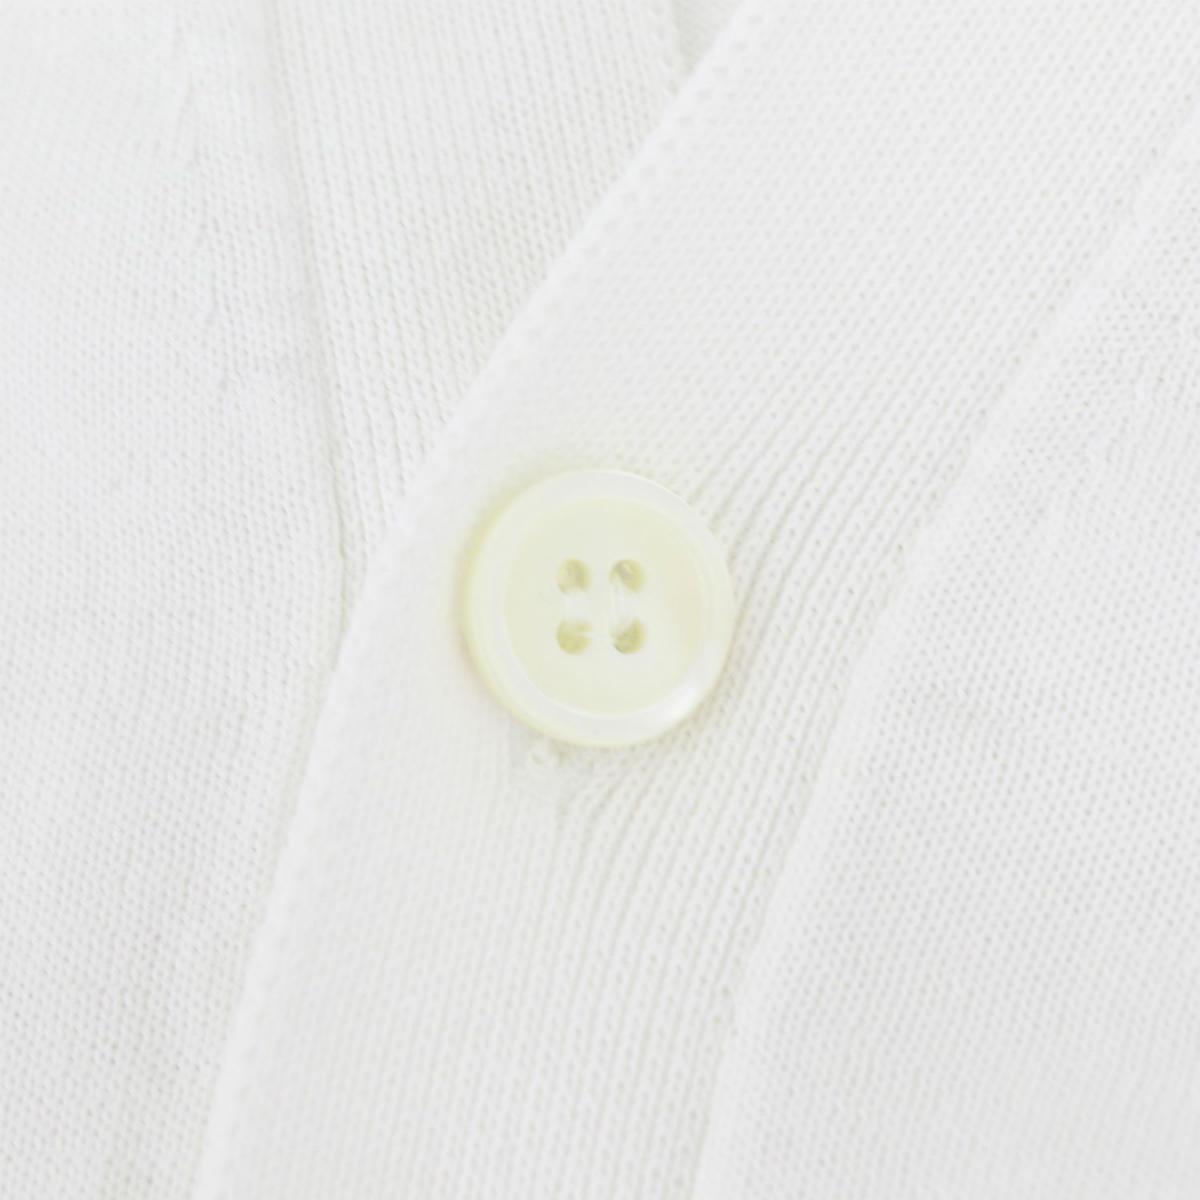 フィリッポ デ ローレンティス FILIPPO DE LAURENTIIS メンズ クレープコットン ハイゲージ サマーニットカーディガン 1110-CB11ML06 FDL 0001(ホワイト) 春夏新作